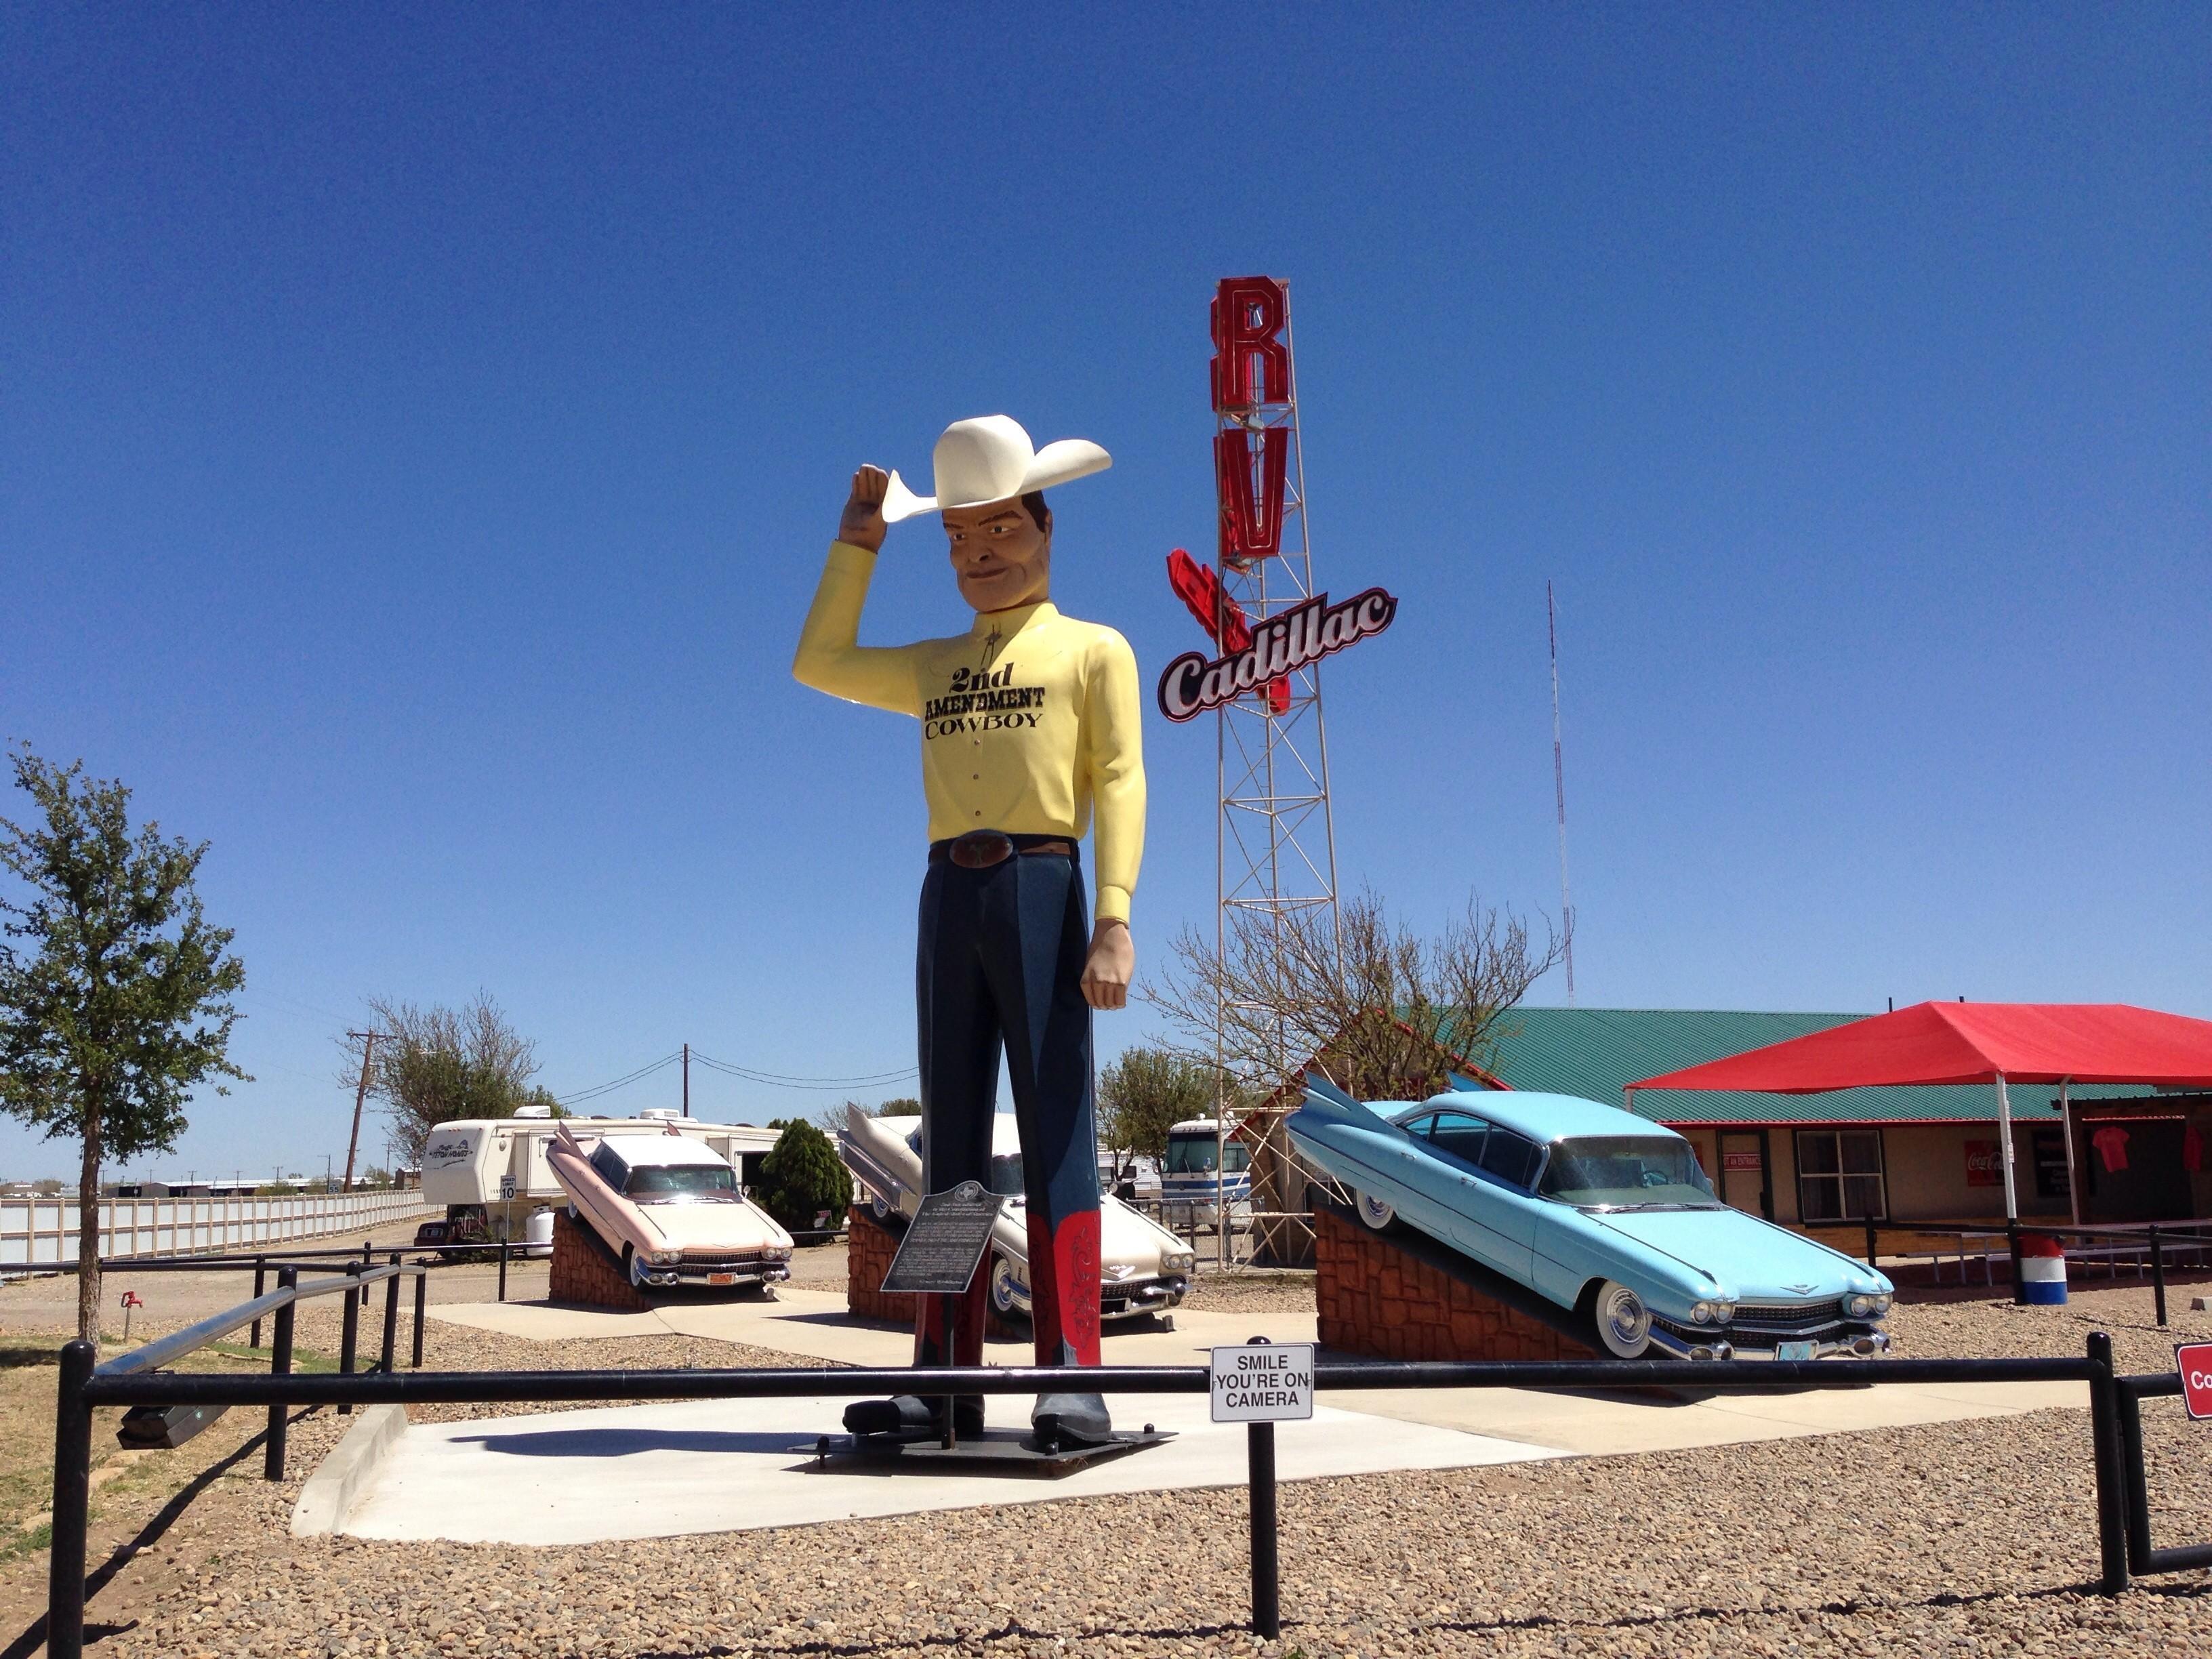 Muffler Man - 2nd Amendment Cowboy